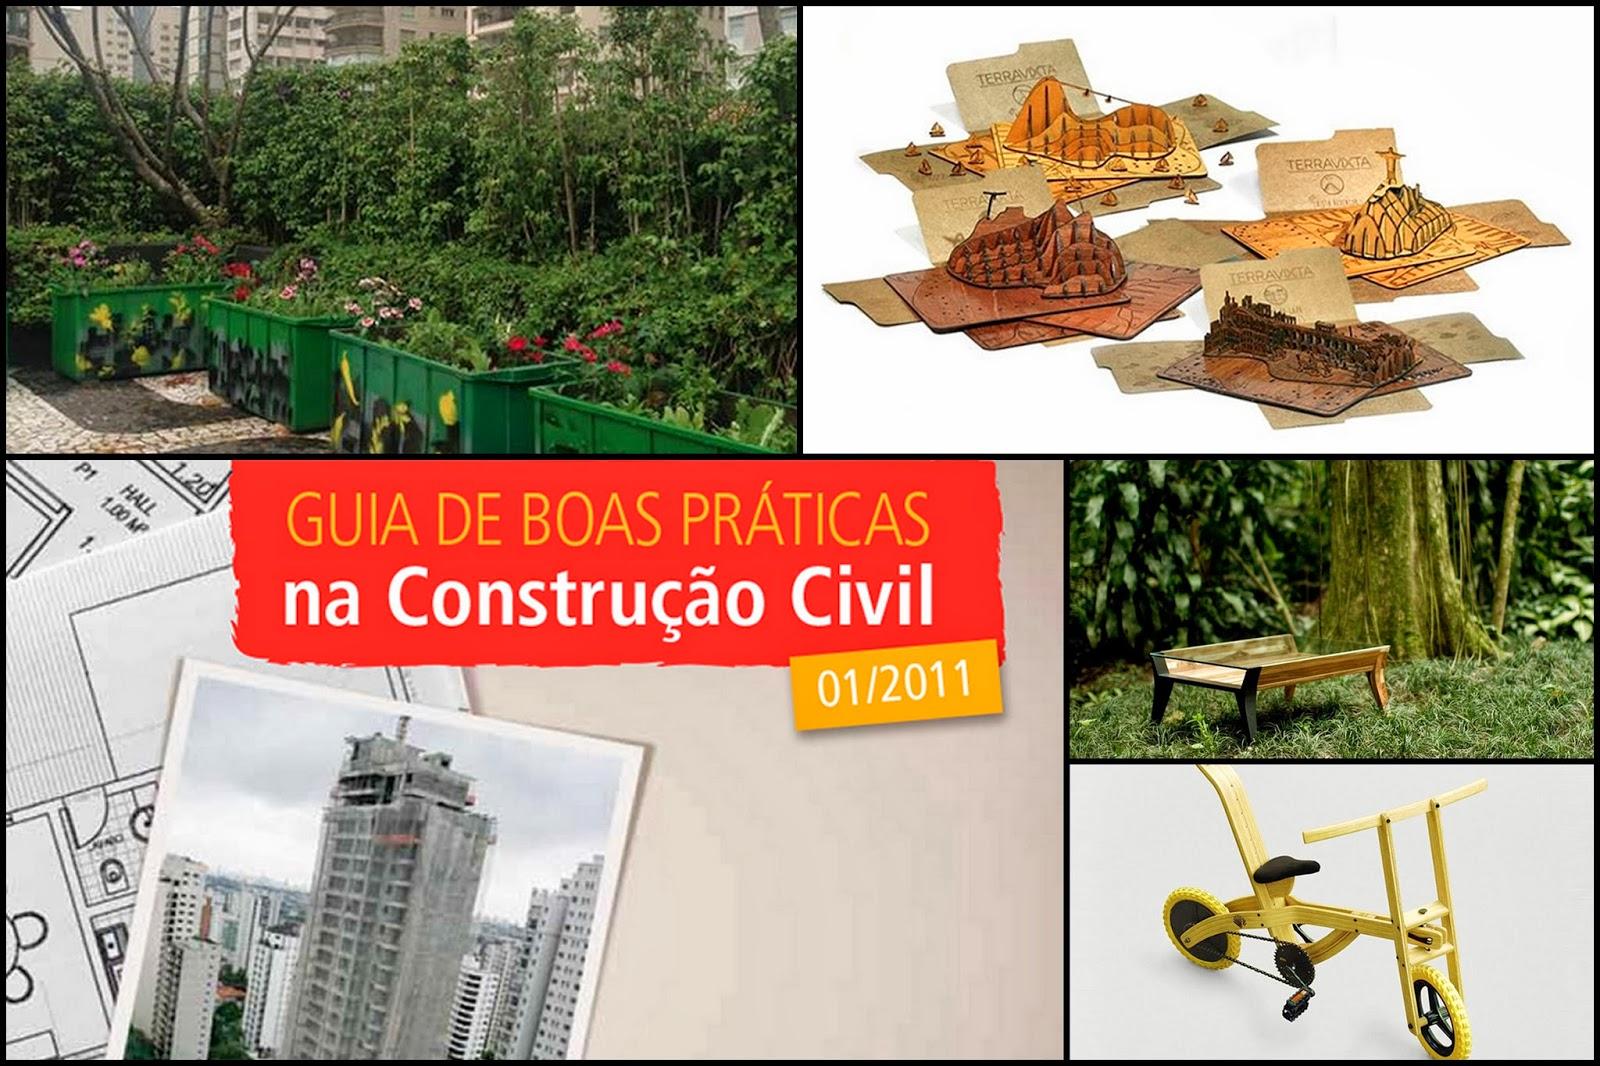 Material Brasil - acervo online de produtos sustentáveis